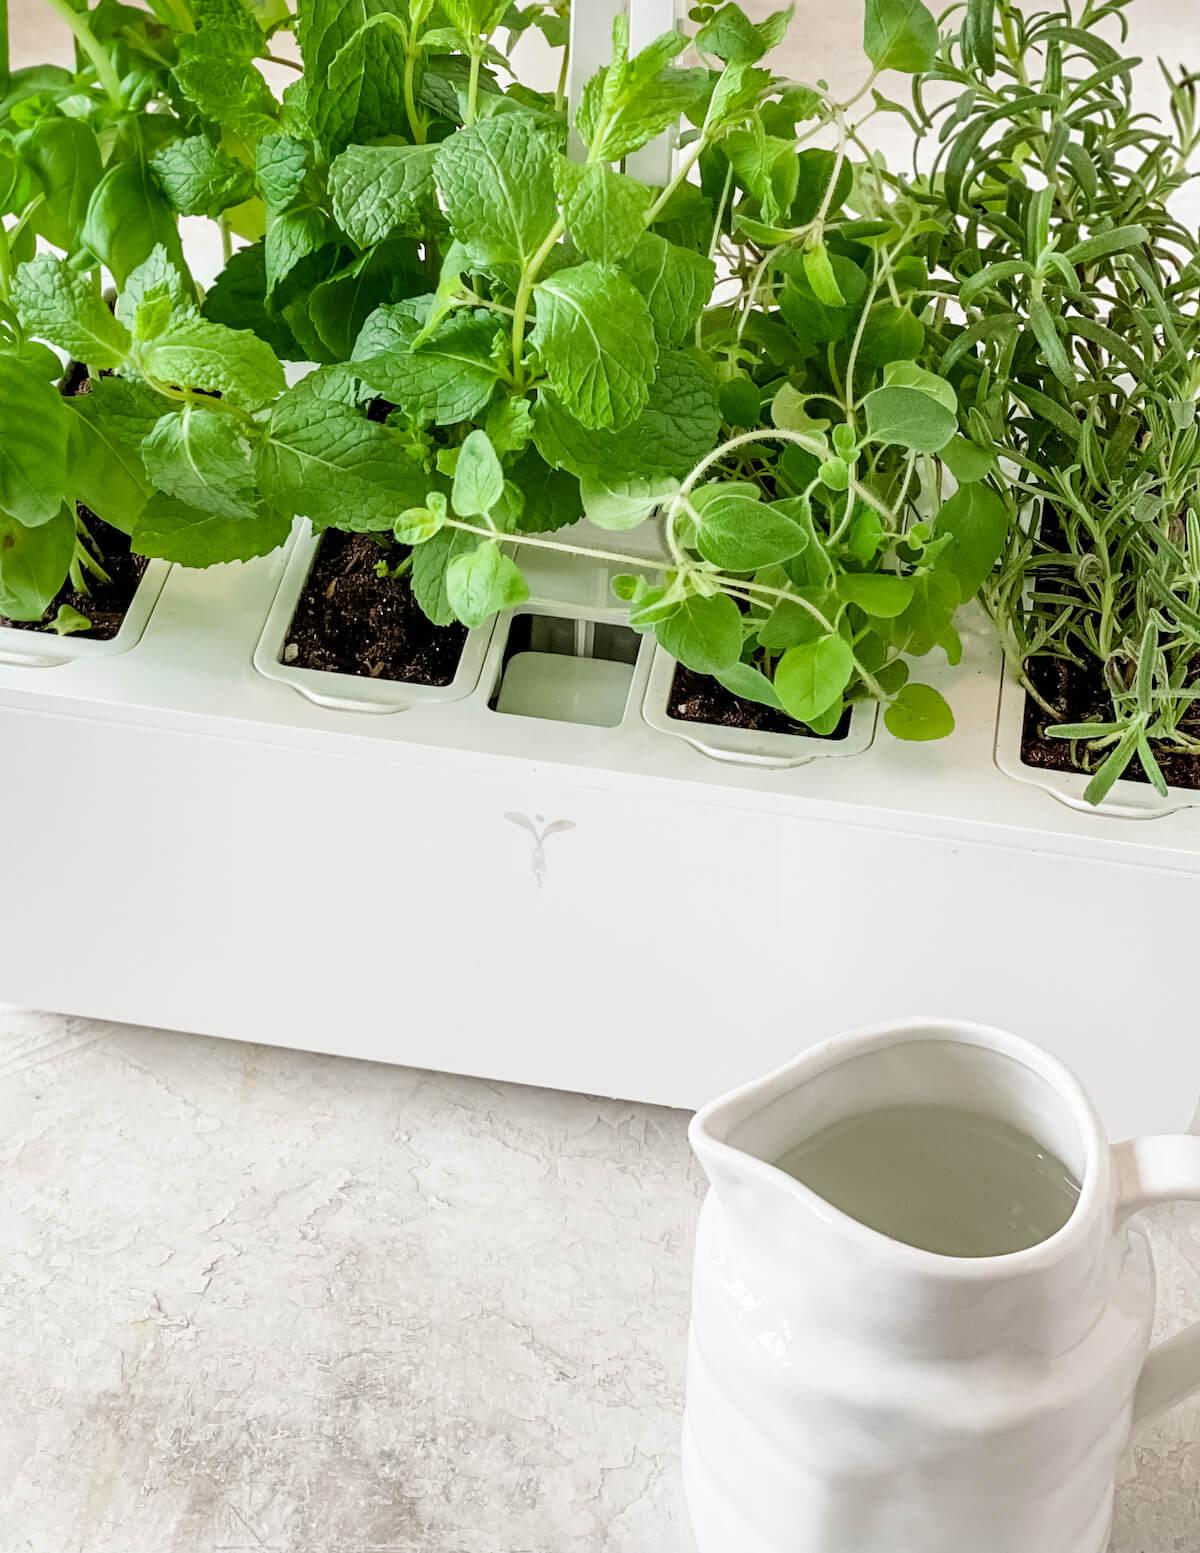 using a Veritable Garden herb grower